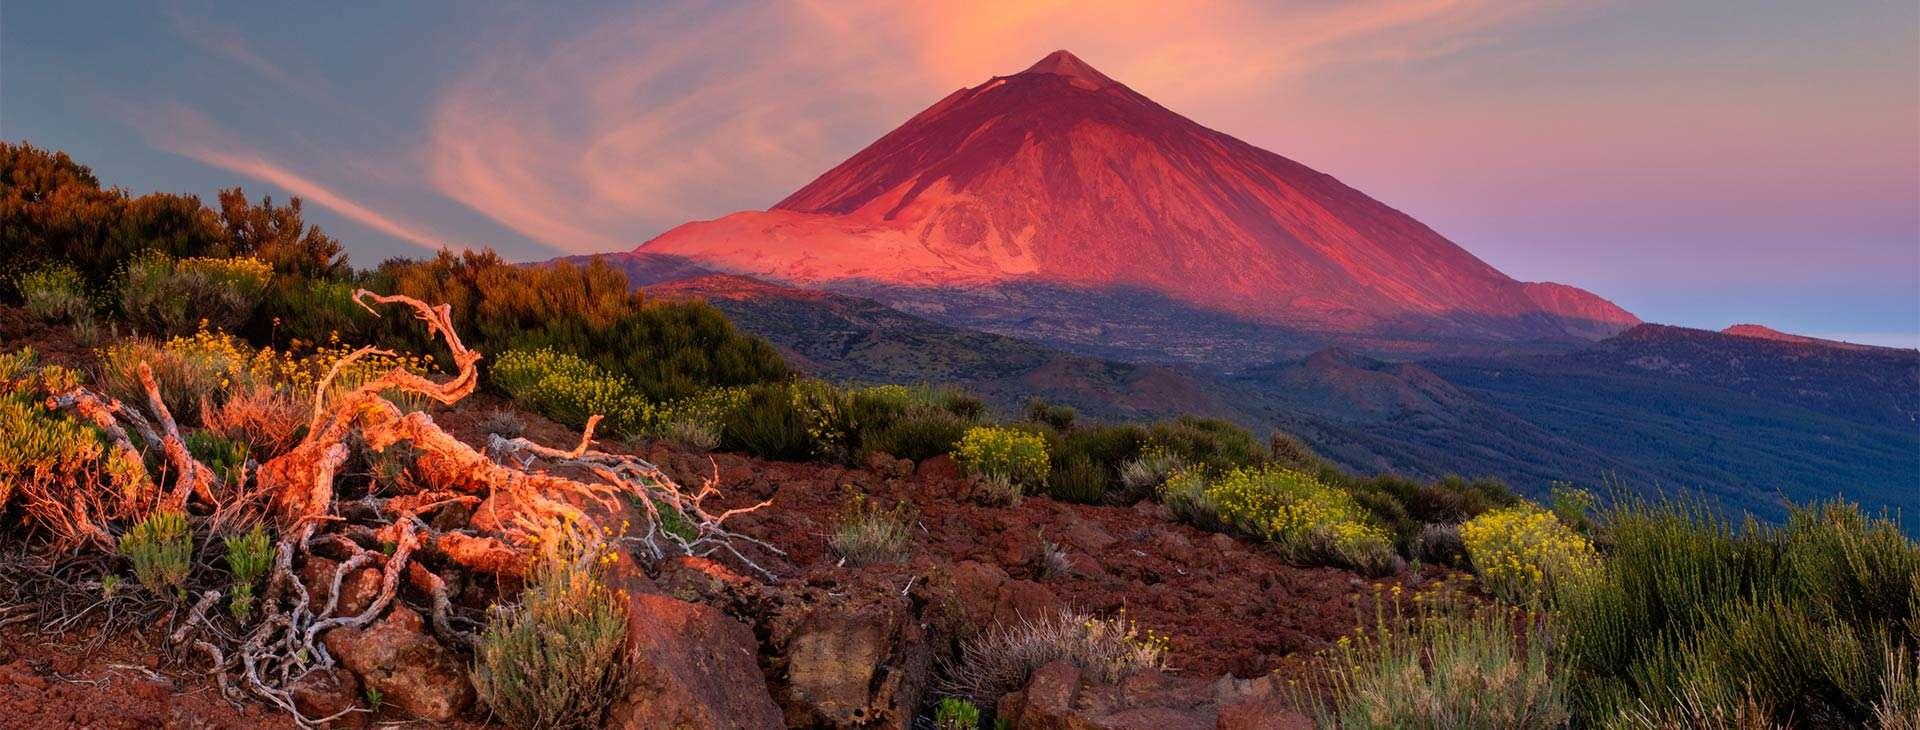 Teneryfa, La Palma, La Gomera i El Hierro - Kraina wiecznej wiosny